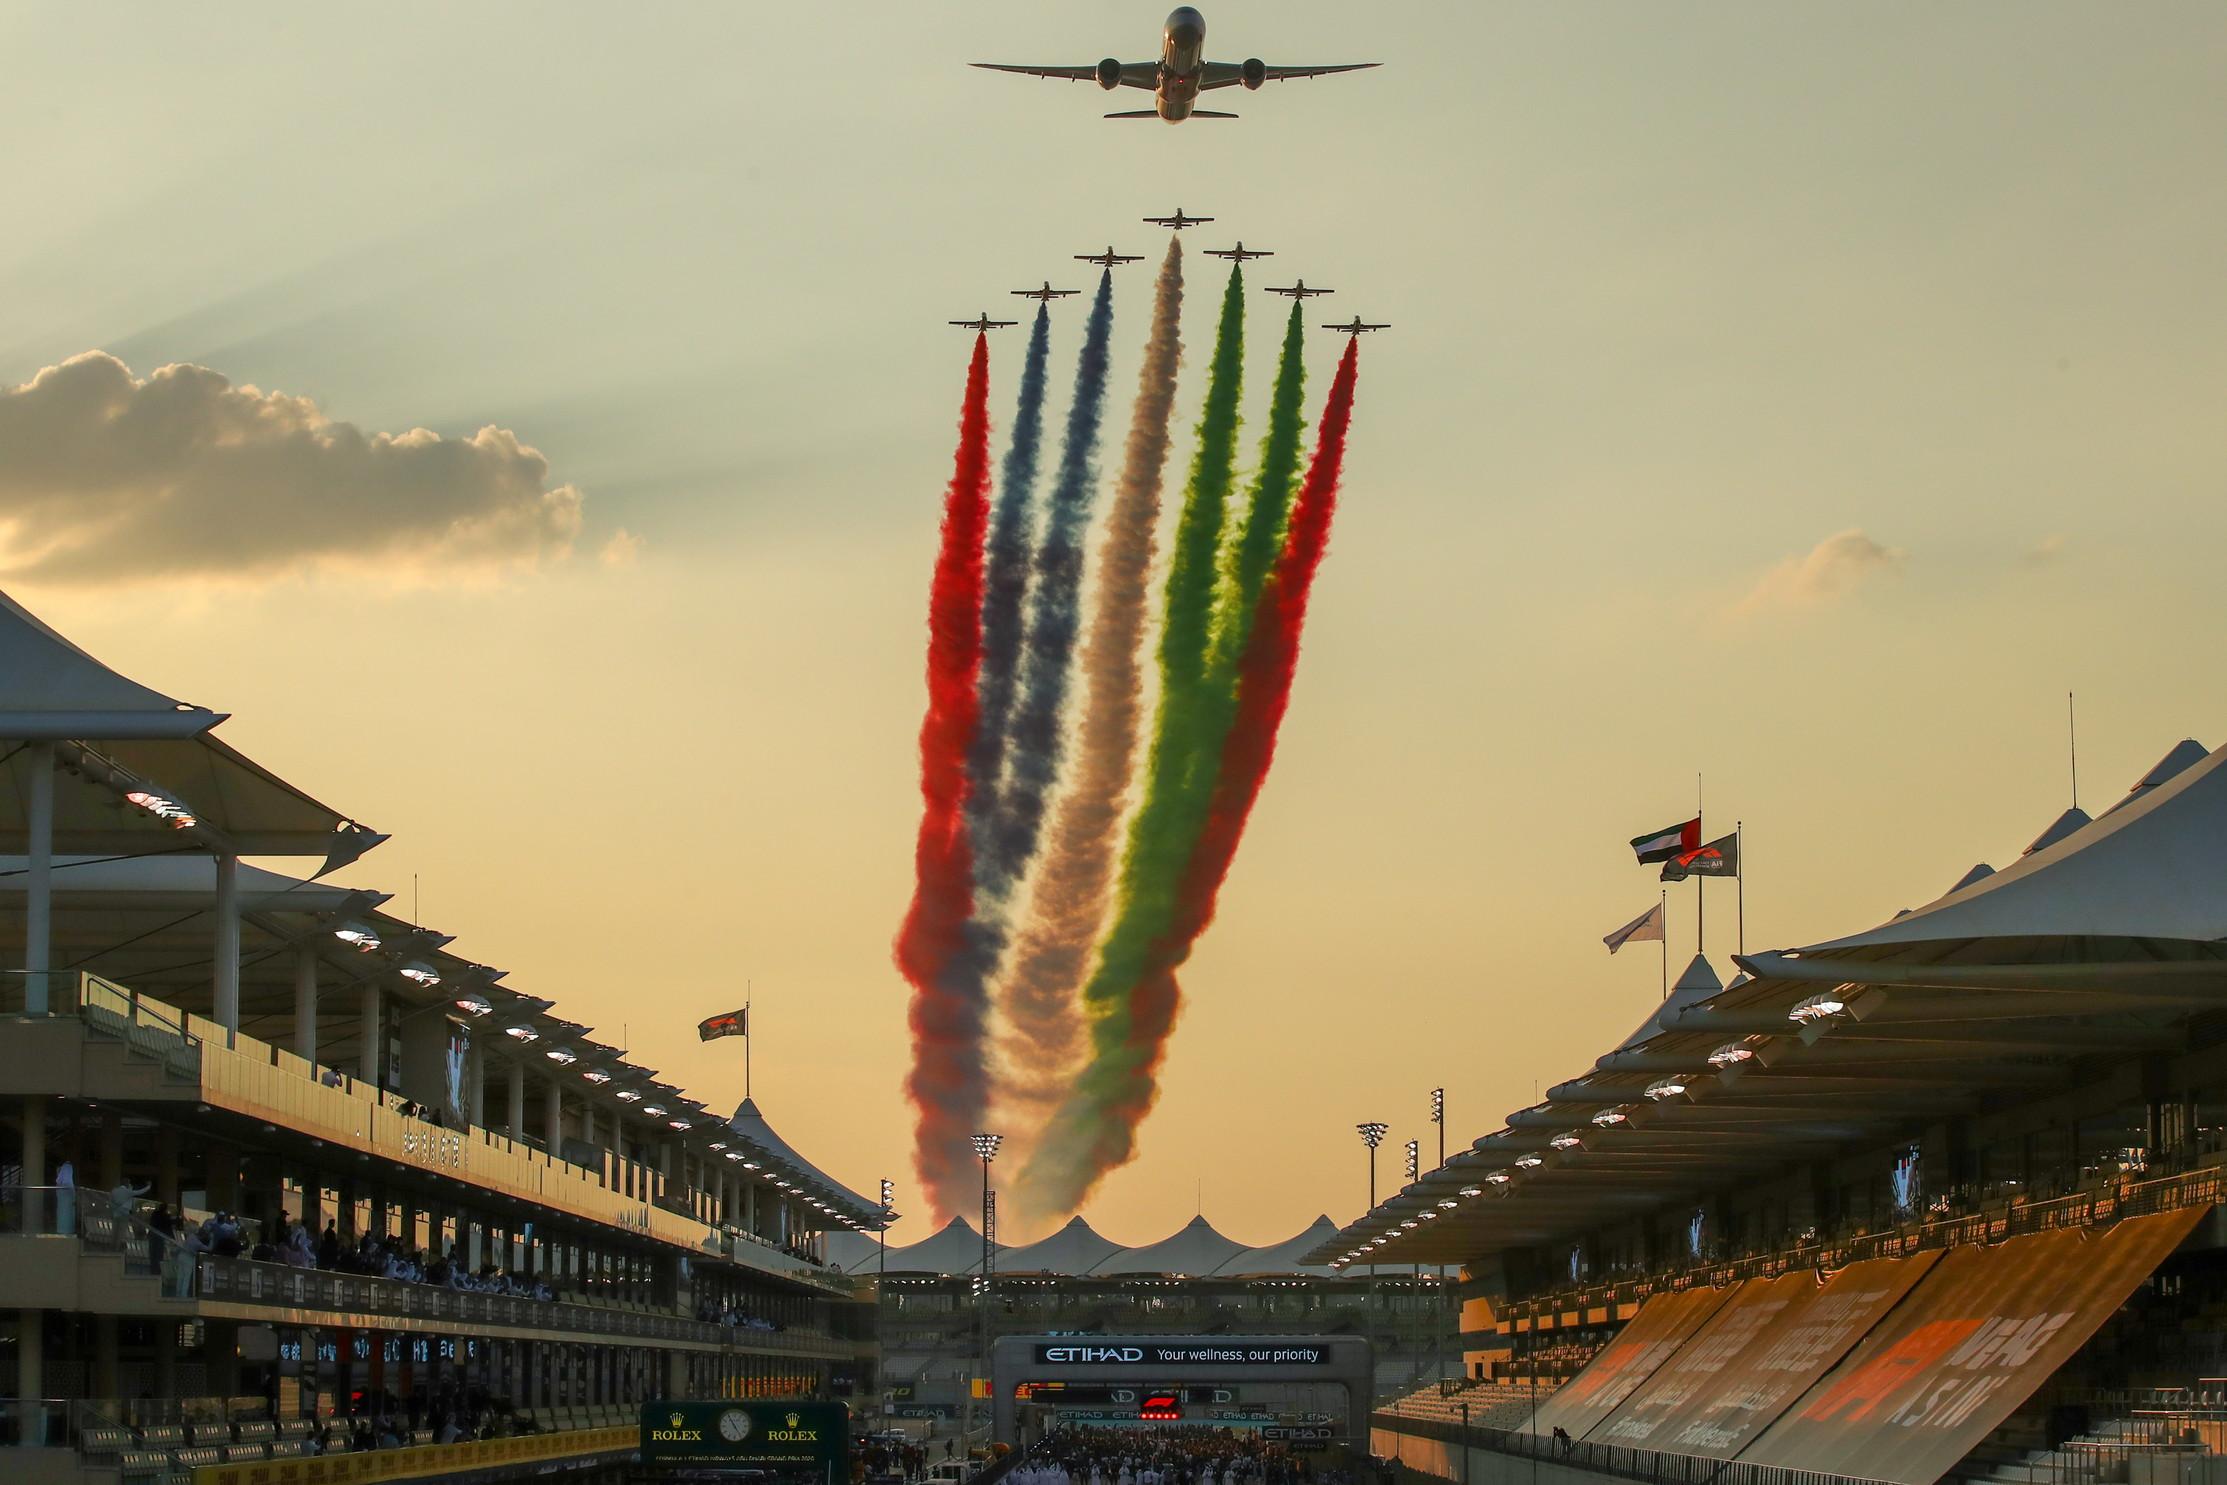 Max Verstappen vince l&#39;ultimo GP del 2020 di Formula Uno. A Yas Marina, partito dalla pole, l&#39;olandese trionfa davanti alle Mercedes di Bottas e Hamilton<br /><br />